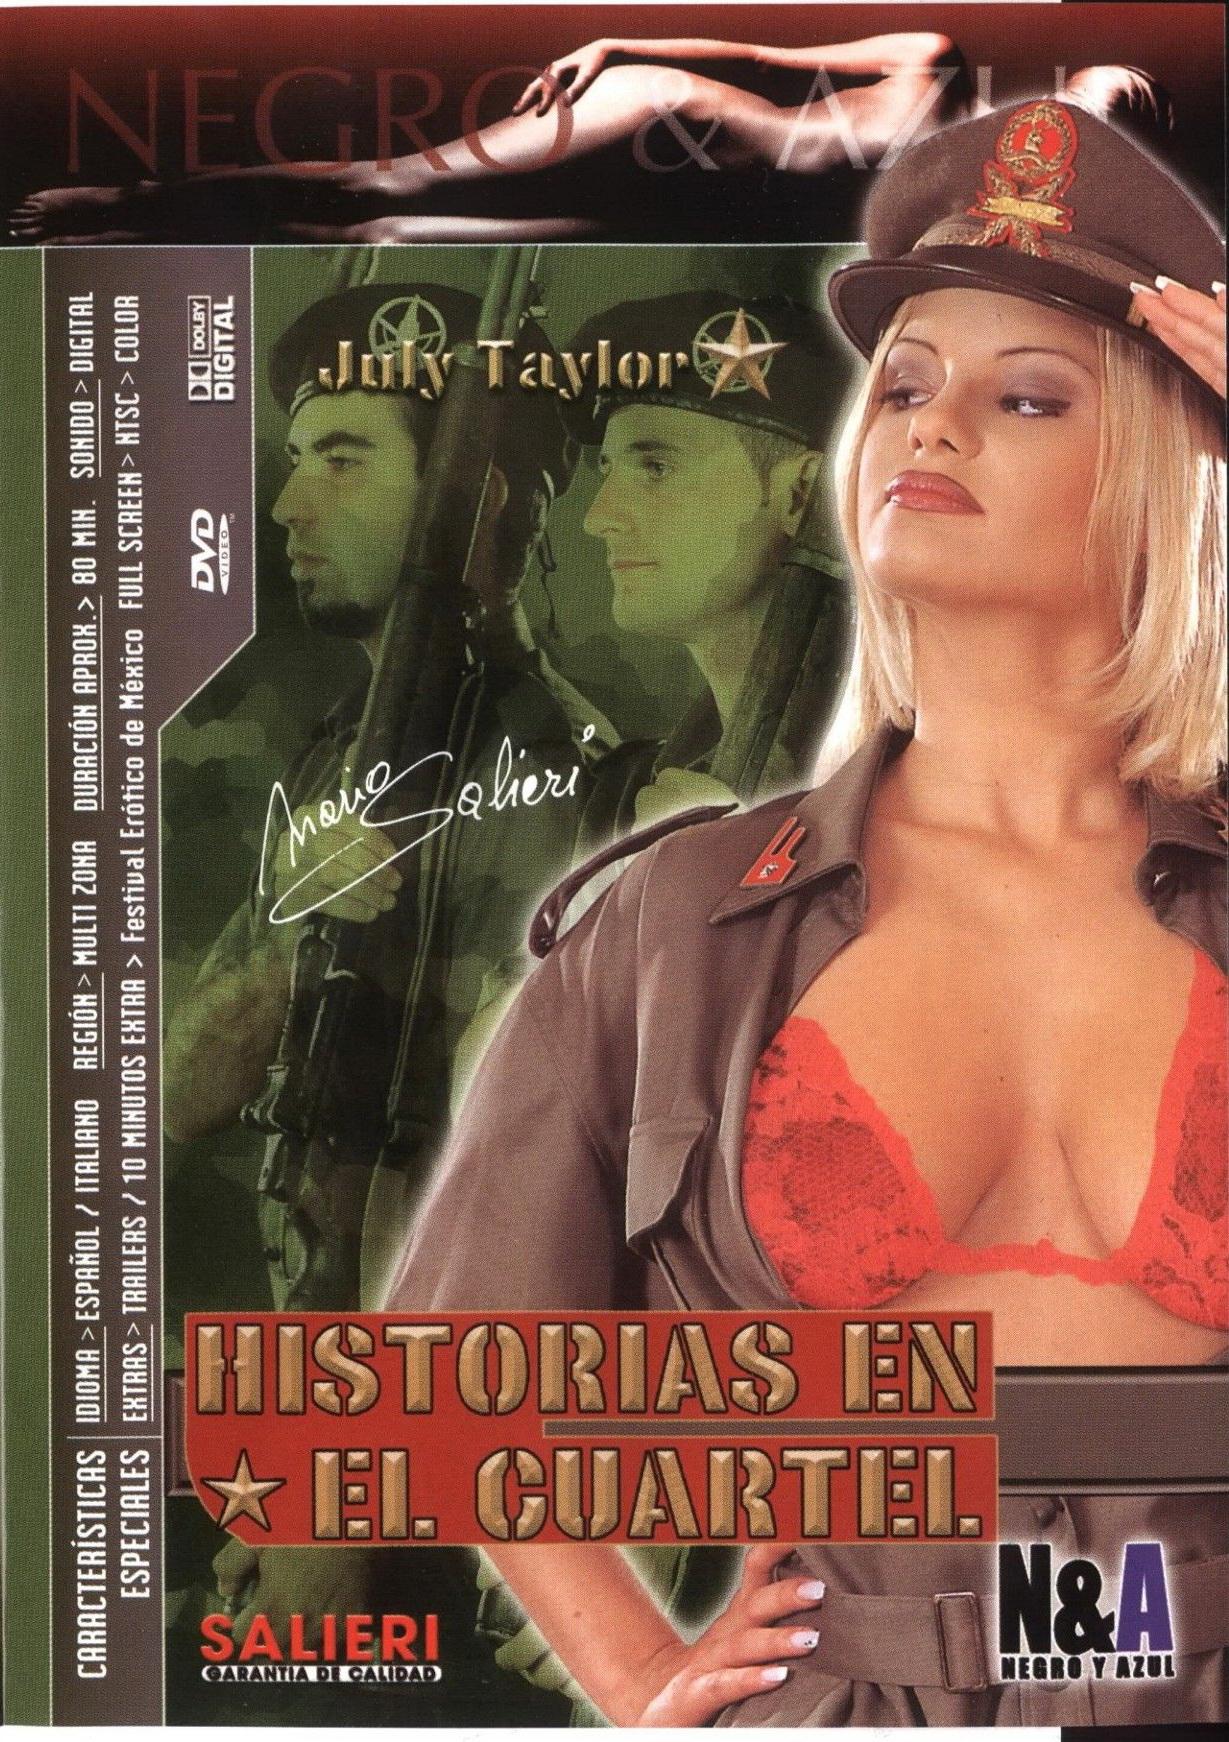 Peliculas porno con una historia en español Historias En El Cuartel Peliculas Porno Online Pelisxxx Me